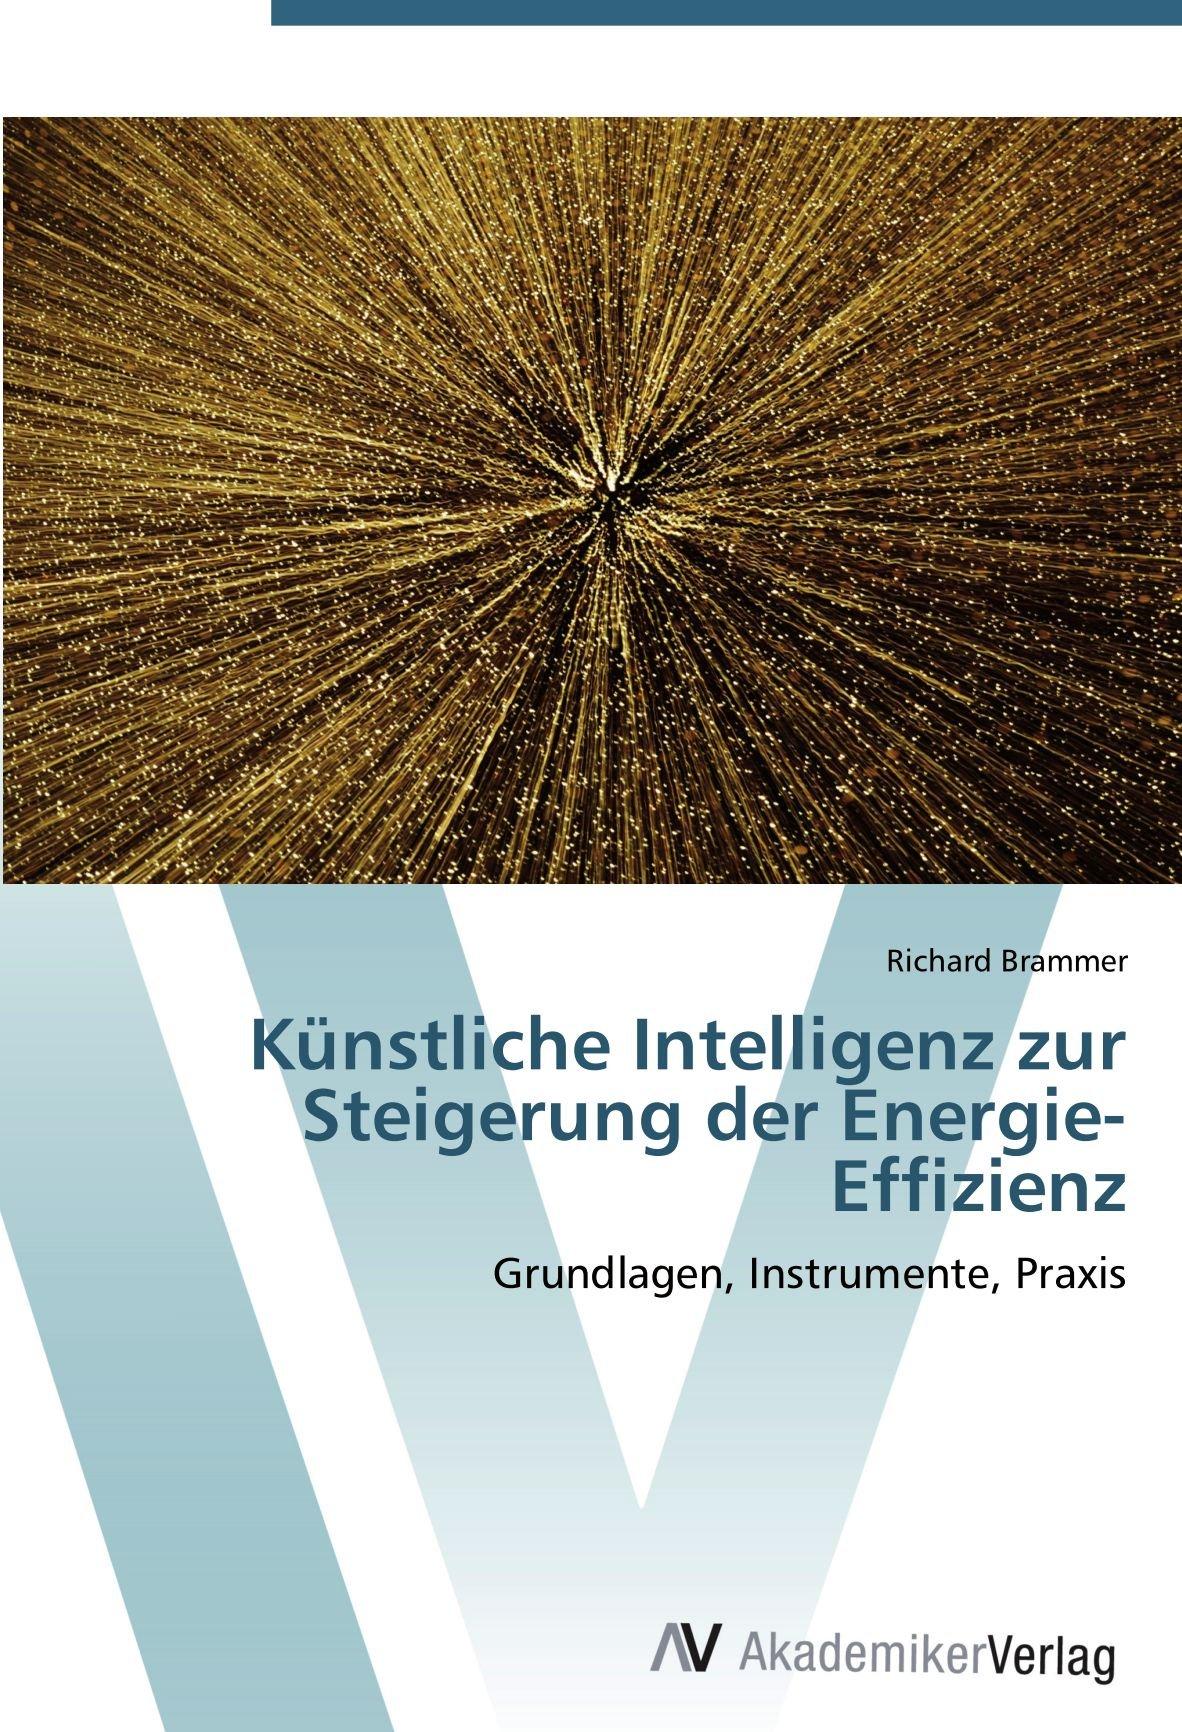 Künstliche Intelligenz zur Steigerung der Energie-Effizienz: Grundlagen, Instrumente, Praxis